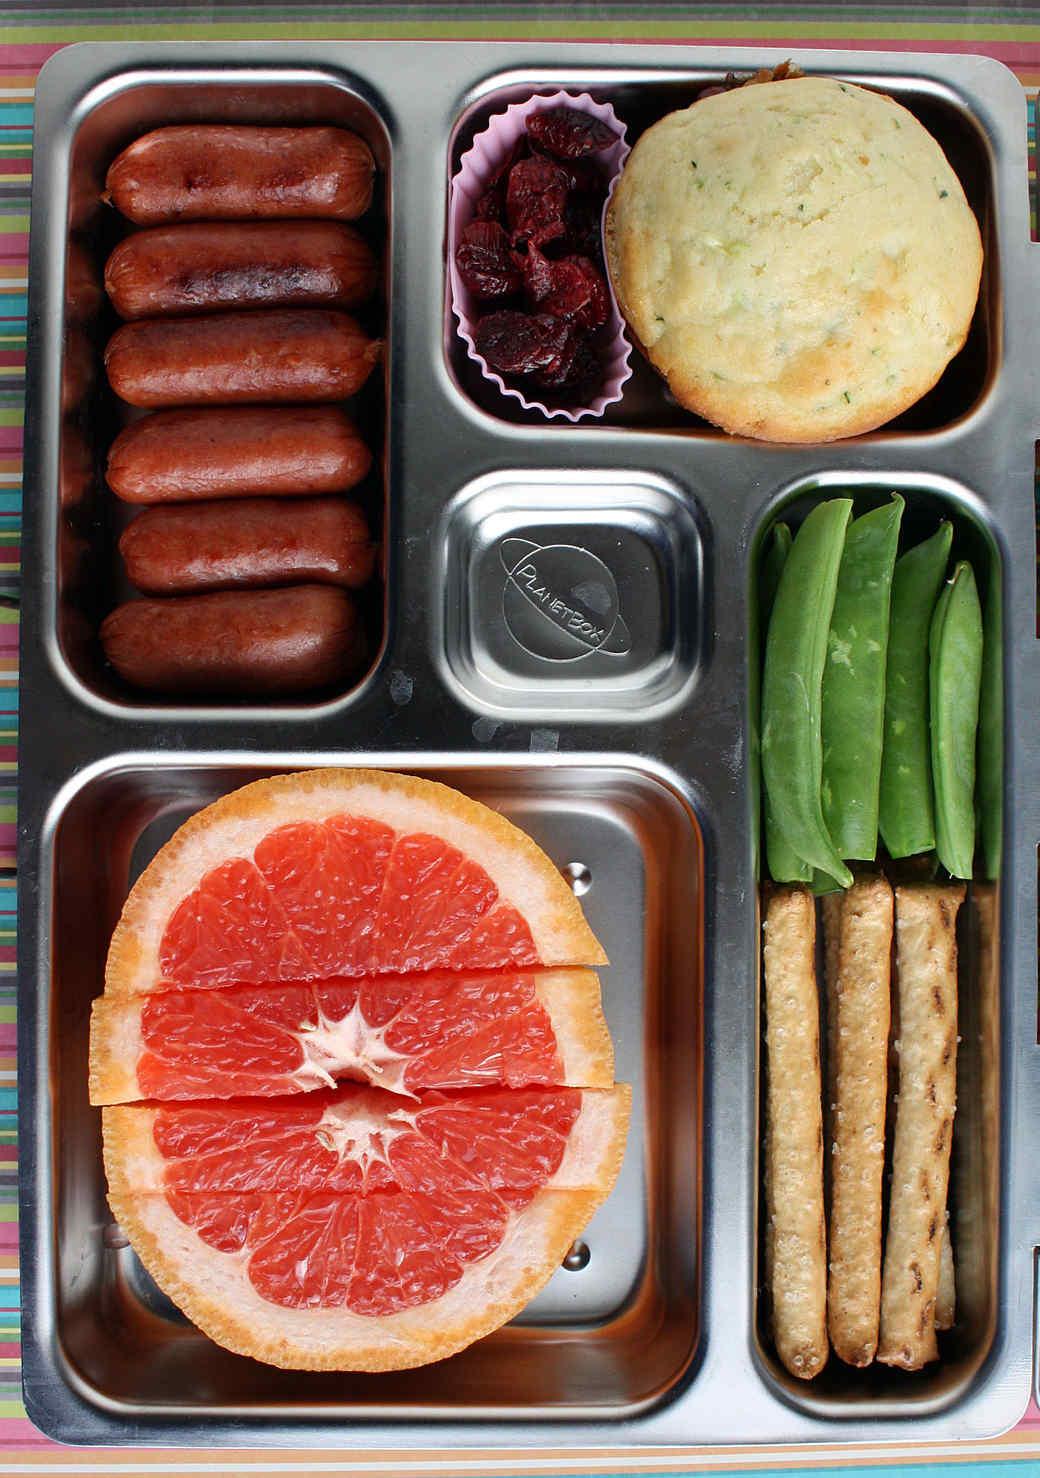 sausage-grapefruit-nut-free-lunch.jpg (skyword:335938)